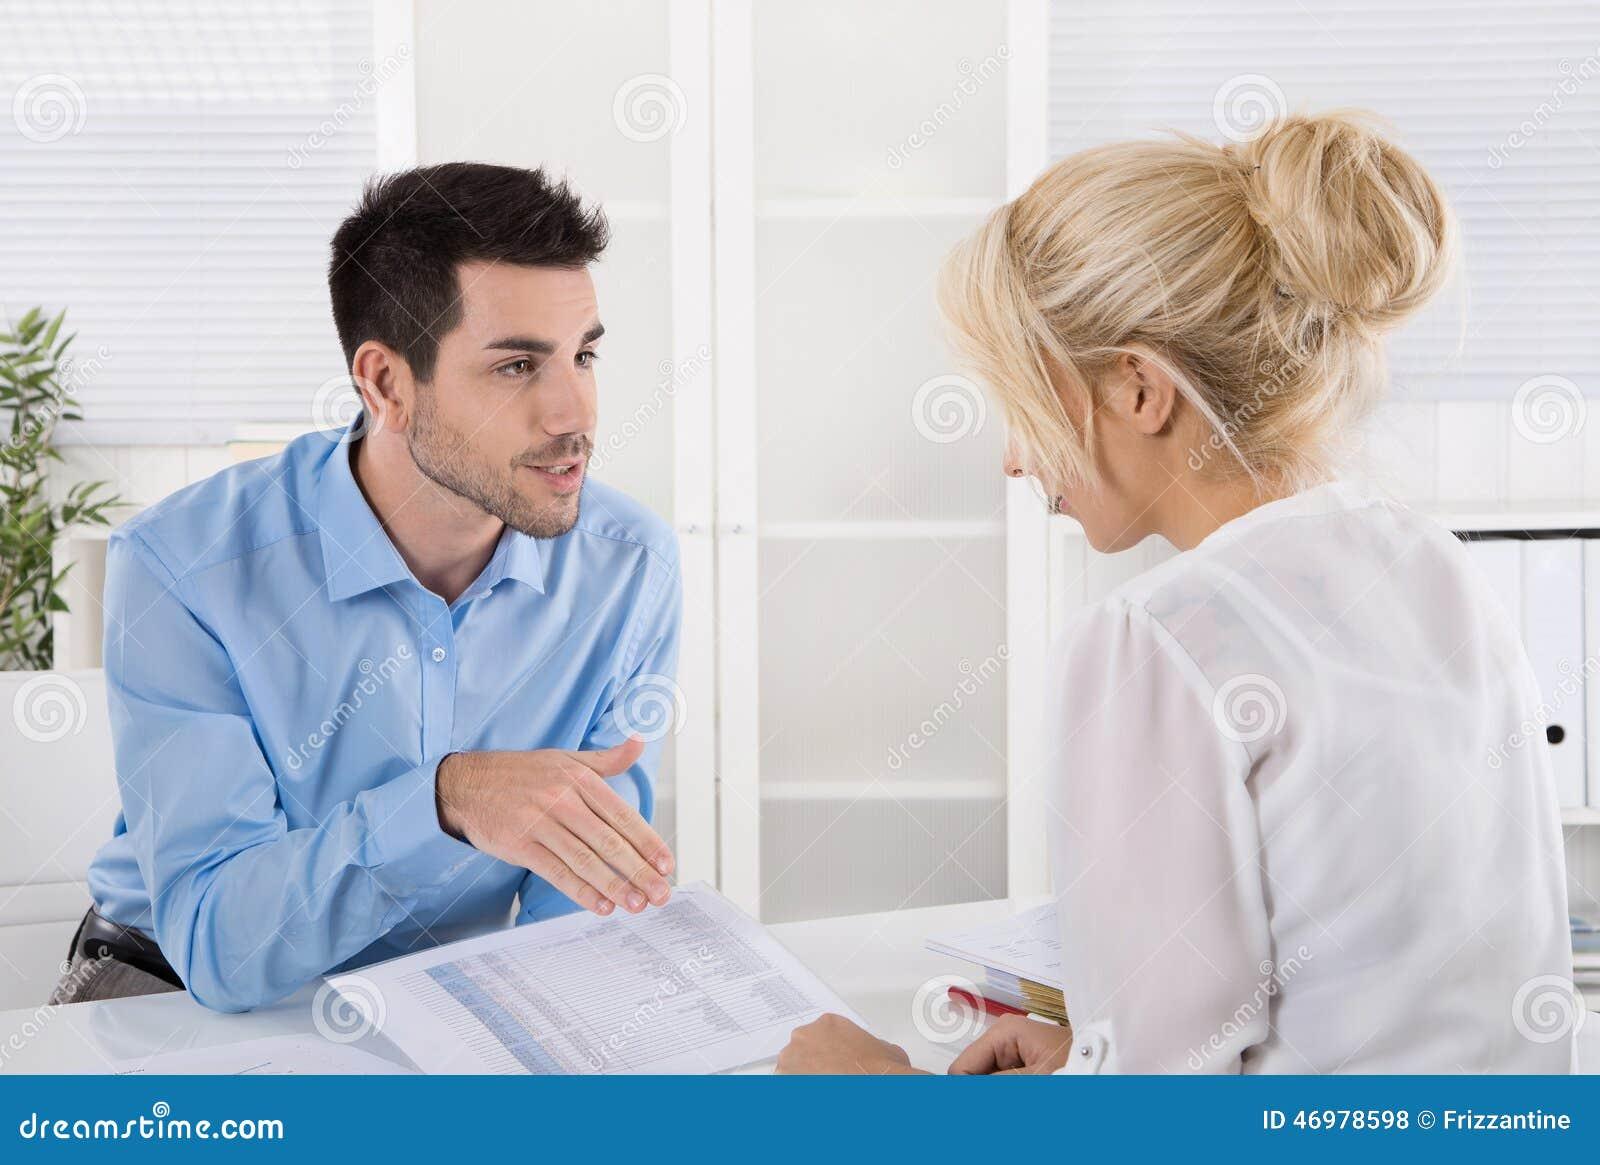 Reunião de negócios profissional: cliente e advicer que analisam o fi